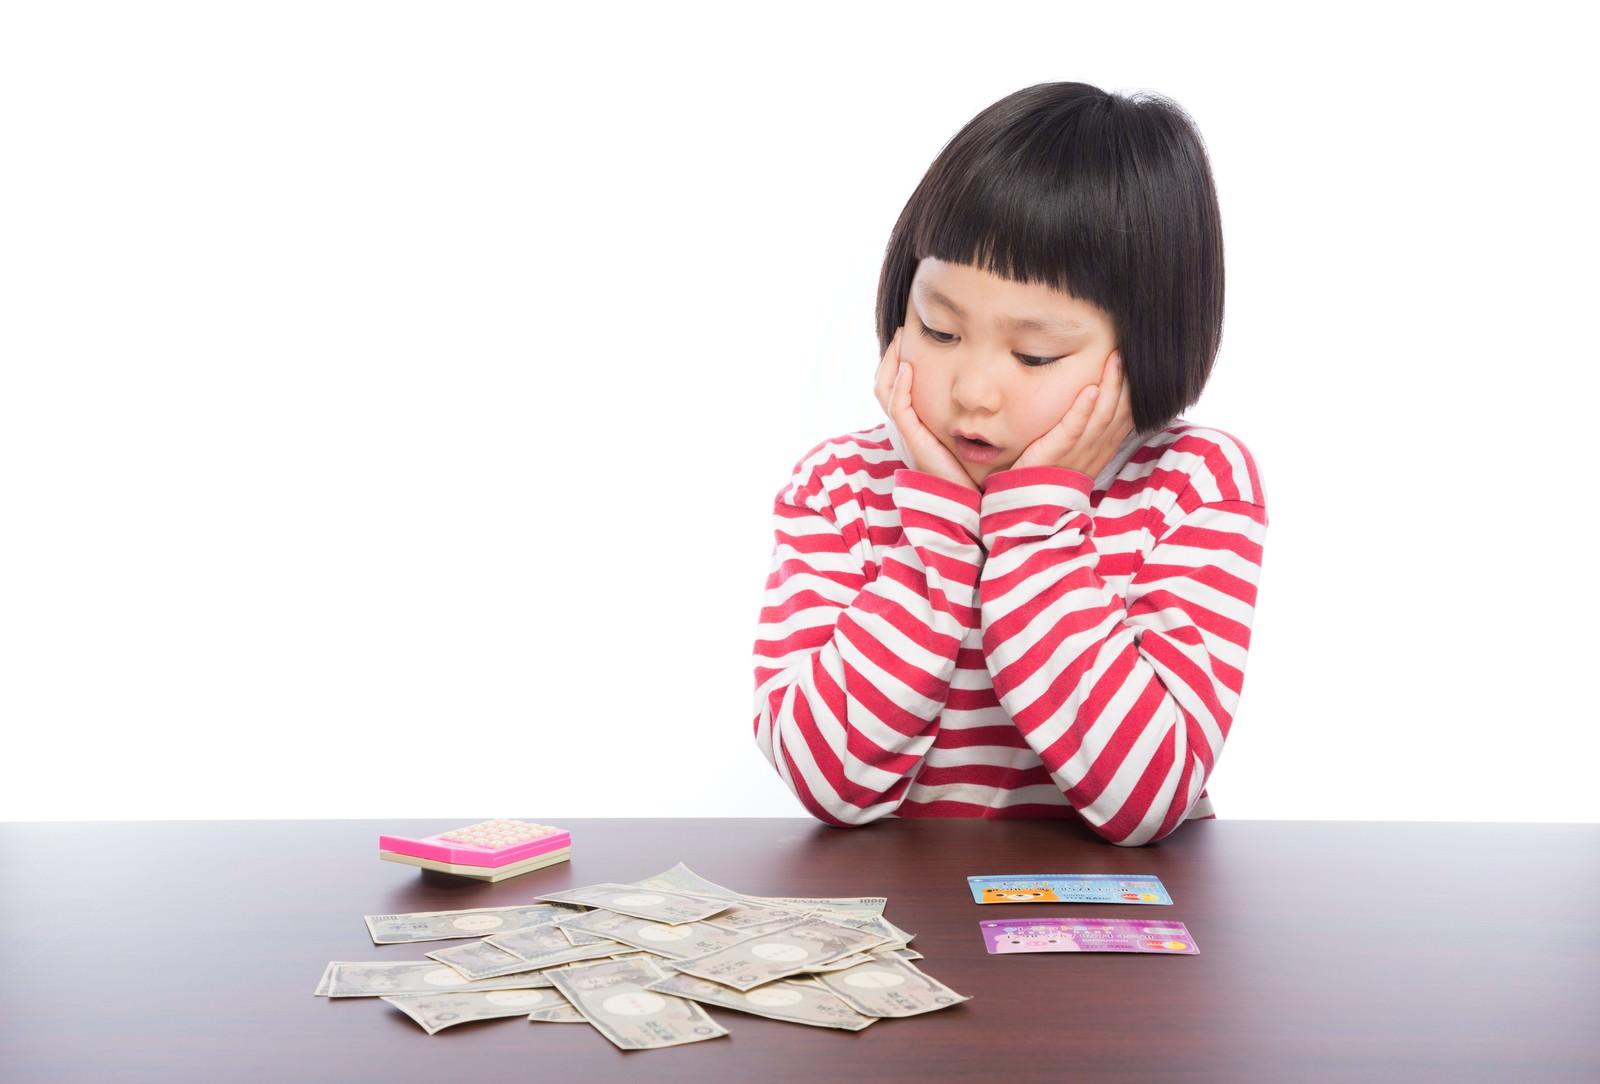 失業保険の金額の計算方法【ぶっちゃけいくらもらえるの?】